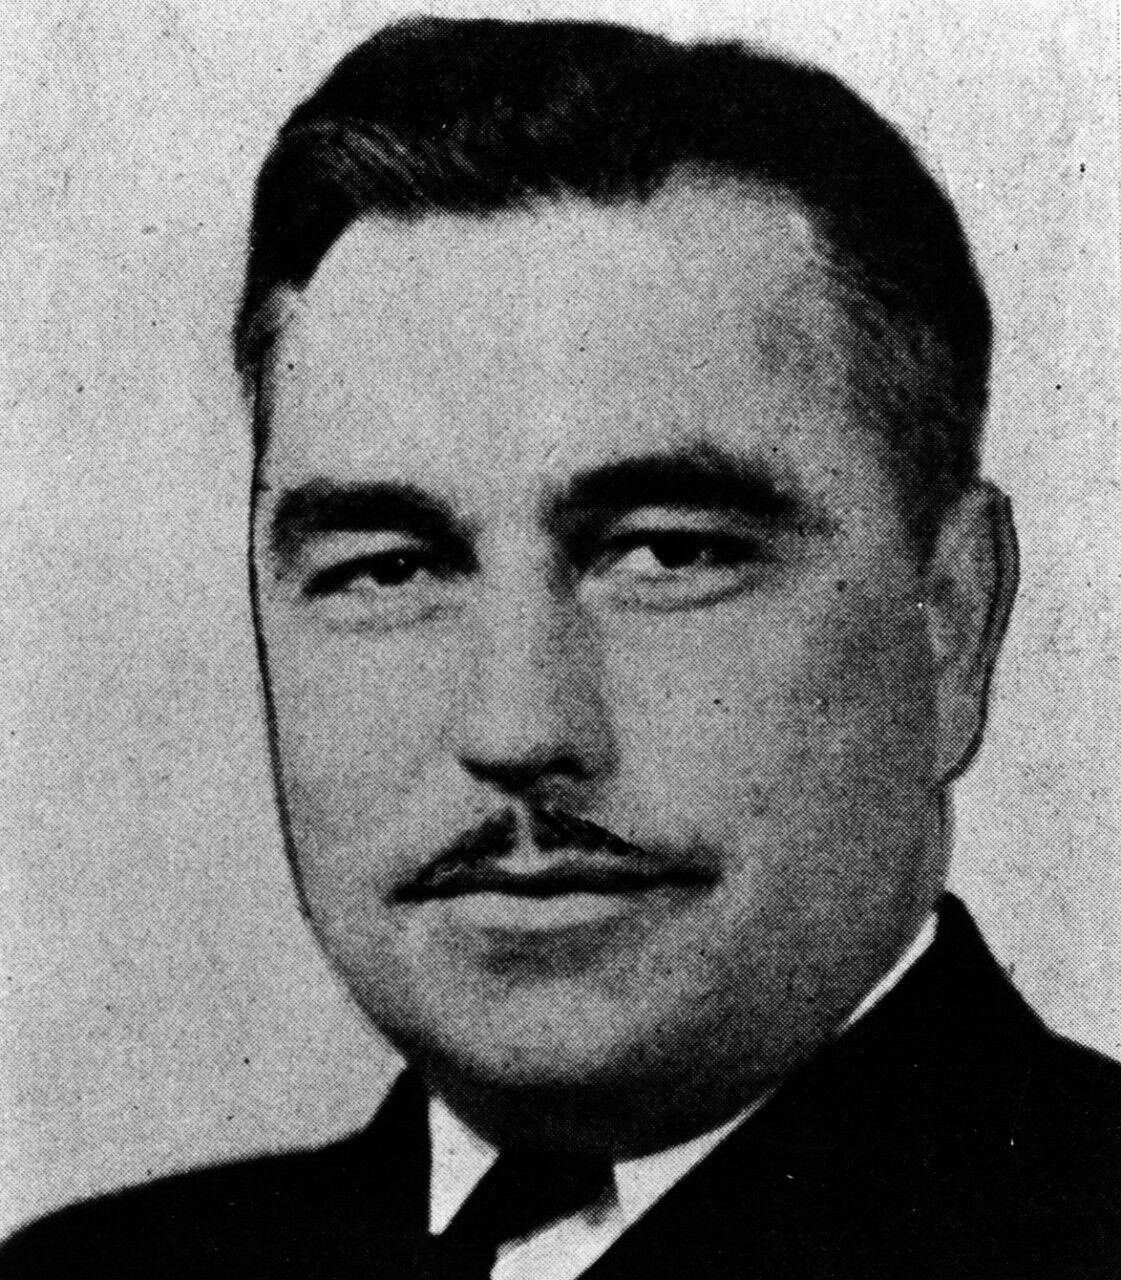 Cmdr. Ernest E. Evans